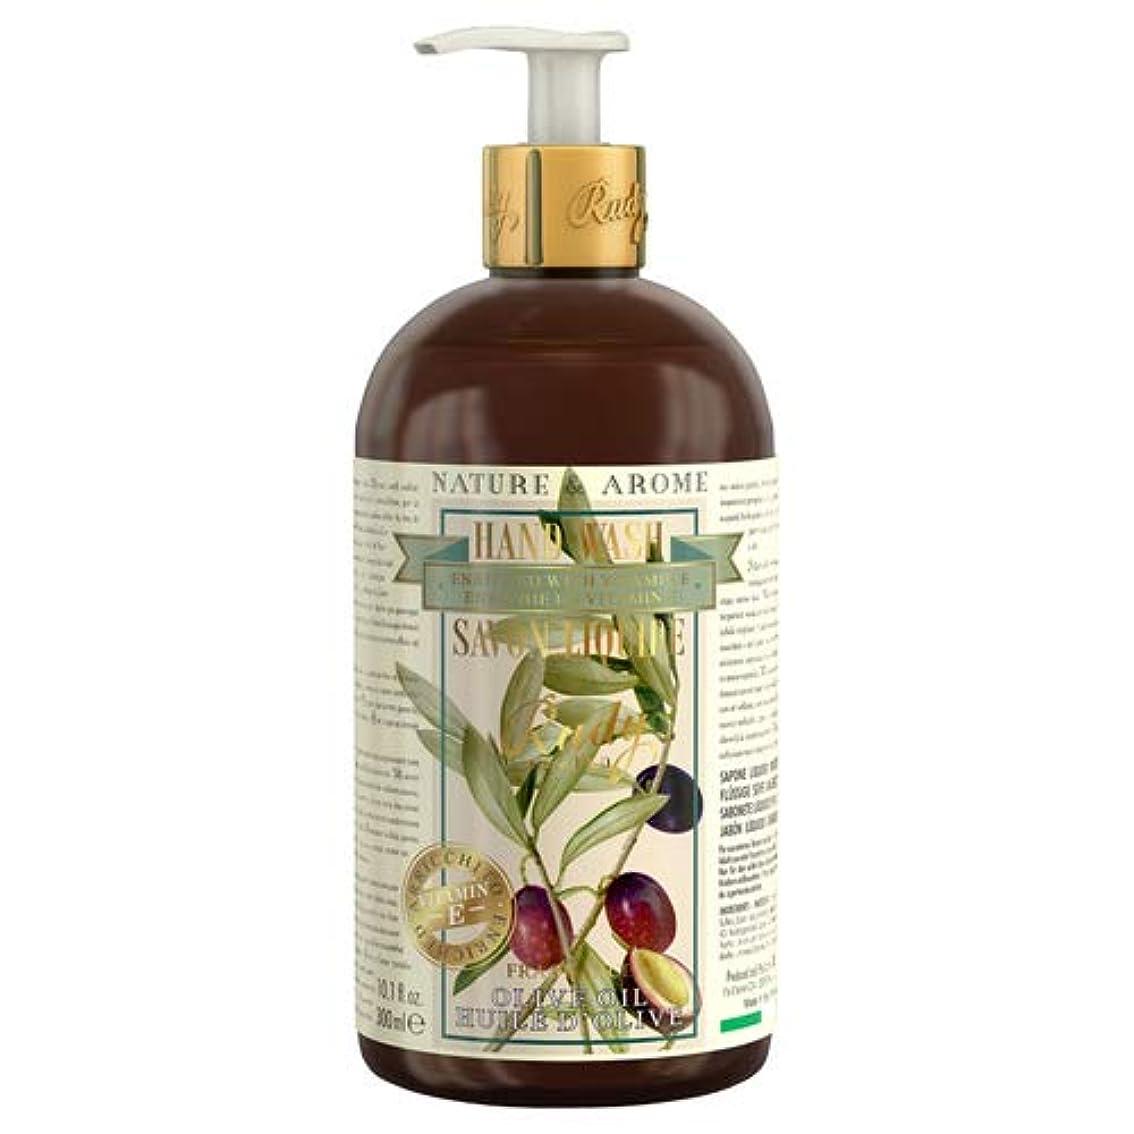 起訴する事業内容リードルディ(Rudy) RUDY Nature&Arome Apothecary ネイチャーアロマ アポセカリー Hand Wash ハンドウォッシュ(ボディソープ) Olive Oil オリーブオイル